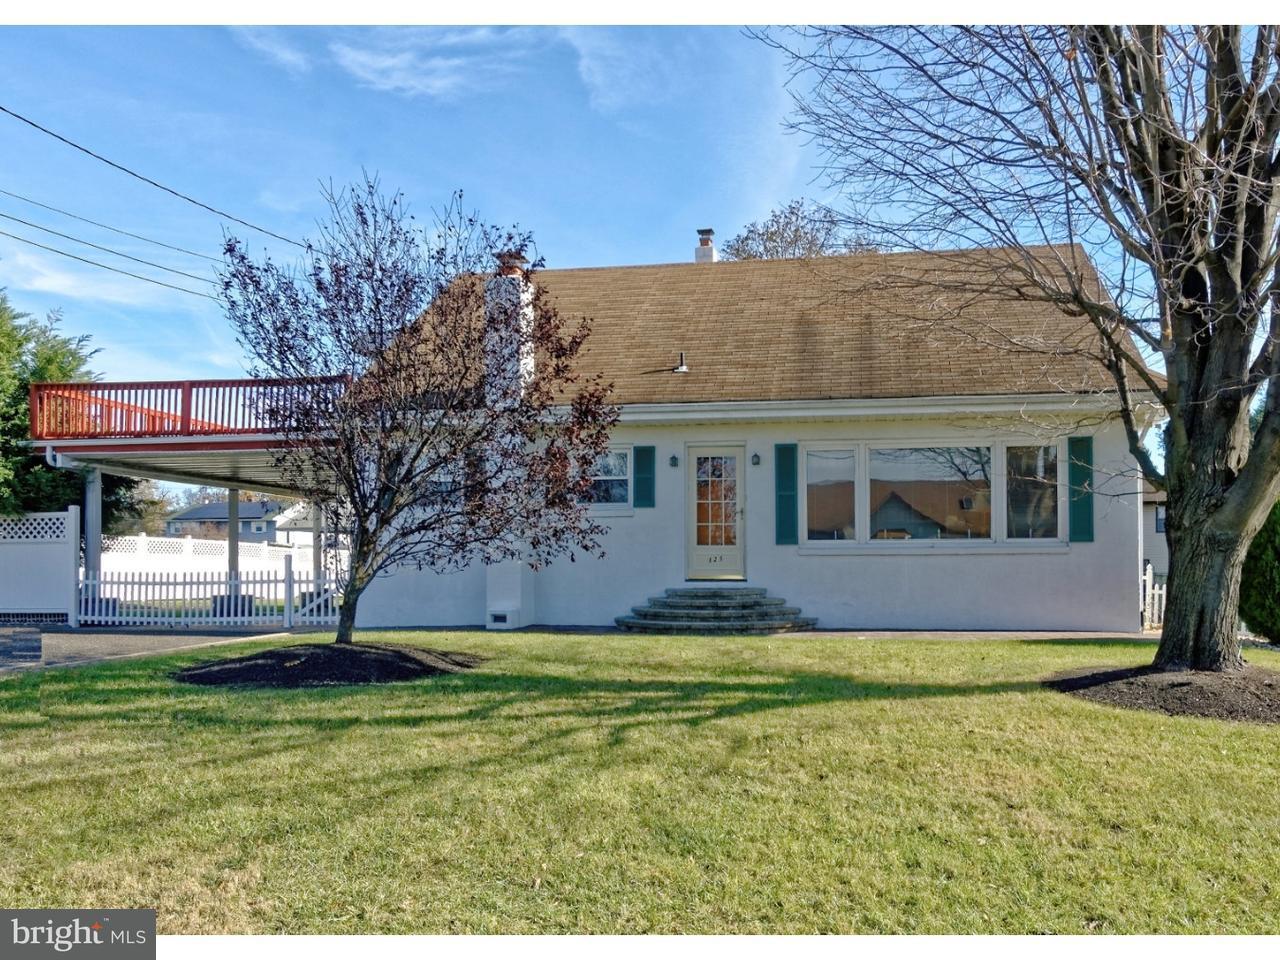 独户住宅 为 销售 在 121 PATTERSON Avenue Bellmawr, 新泽西州 08031 美国